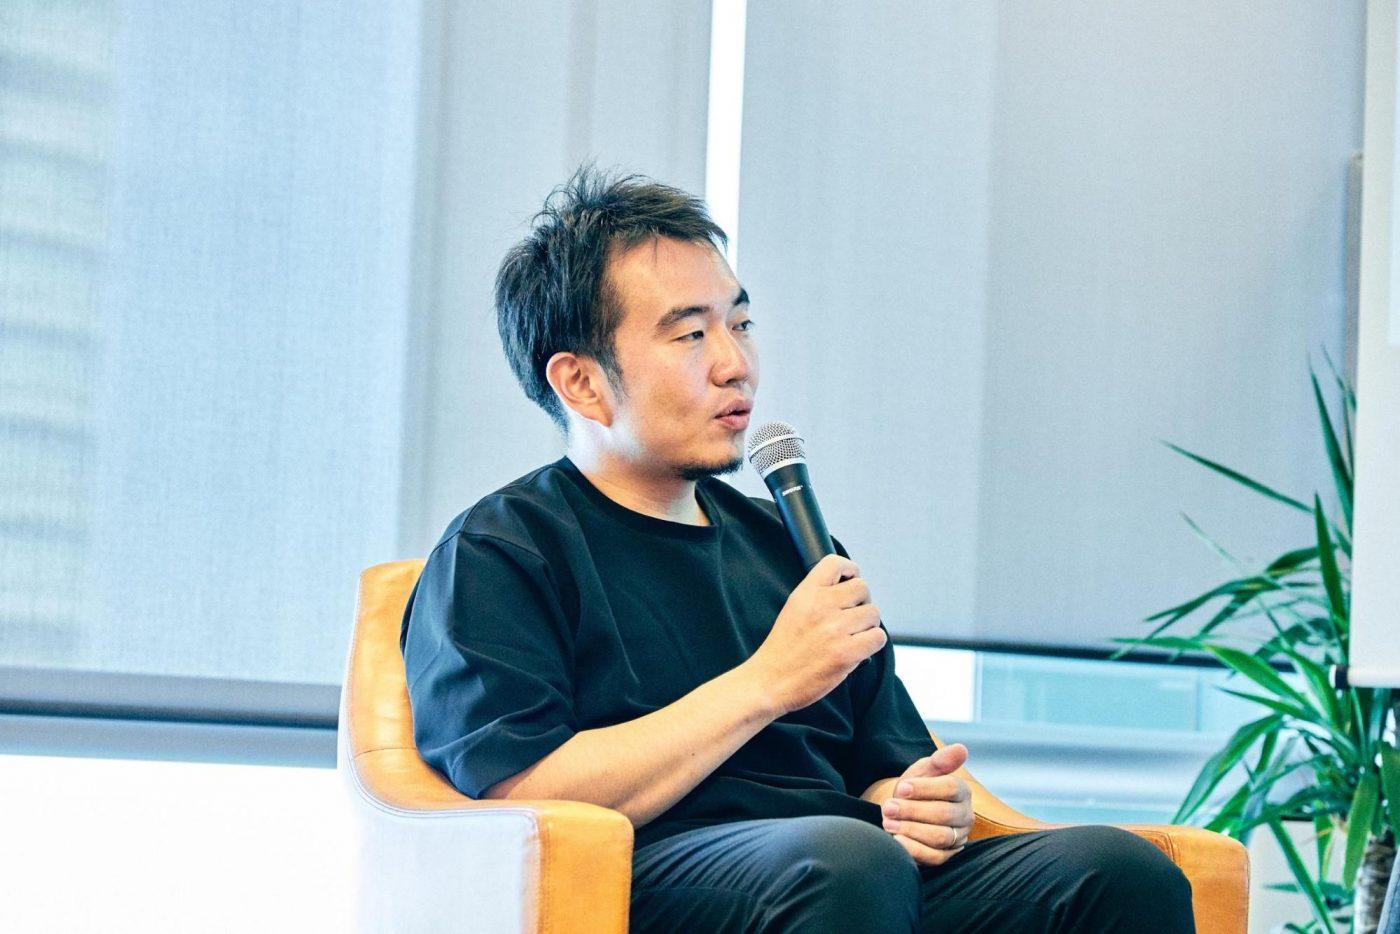 宮田 「ヒロさんは、昔、日本版 Y Combinator と呼ばれていたOpen Network Lab(オンラボ)を設立した方だったので、単純にすごいなと思っていて。当時、FrilやWHILL、FONDなど、オンラボ出身のスタートアップが乗りに乗っていたので、ヒロさんに関わってもらえることが成功への近道だと感じていたんです。   まあ、有名な投資家が関わったから必ず成功するわけではなく、結局自分たちでやっていくんですが、SaaS知識がゼロだった僕たちに色々なことを教えてくれました。   Jamesさんは、さきほど彼が言ったような流れで出資を切望してくれたので。とにかくアグレッシ